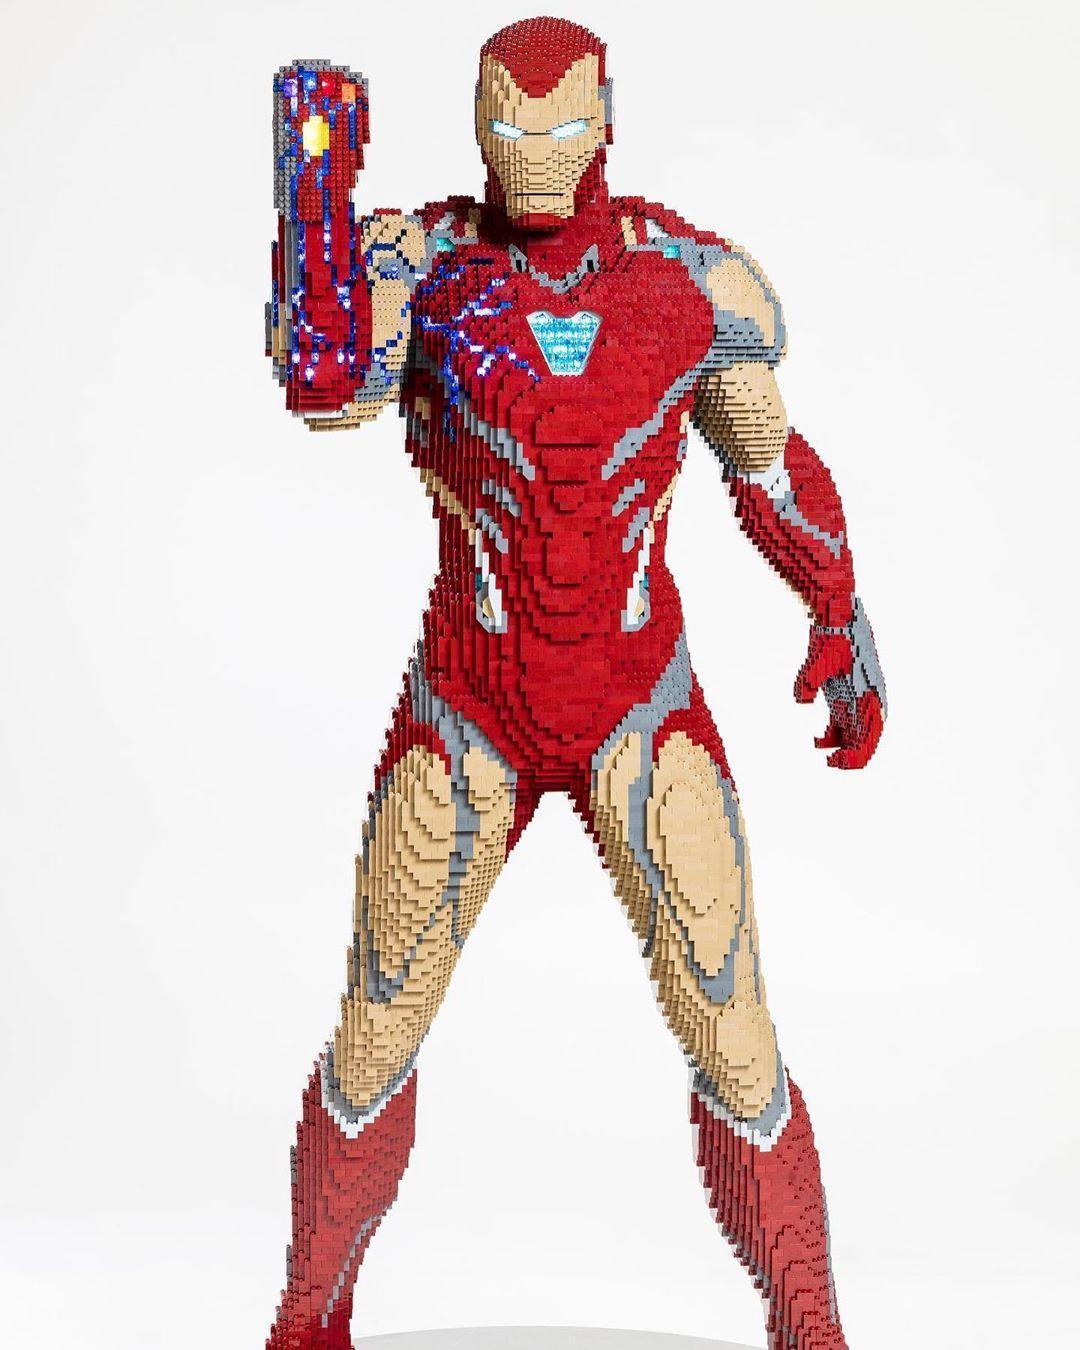 Pin de Uadson Júnior em Tony | Marvel universe, Personagens